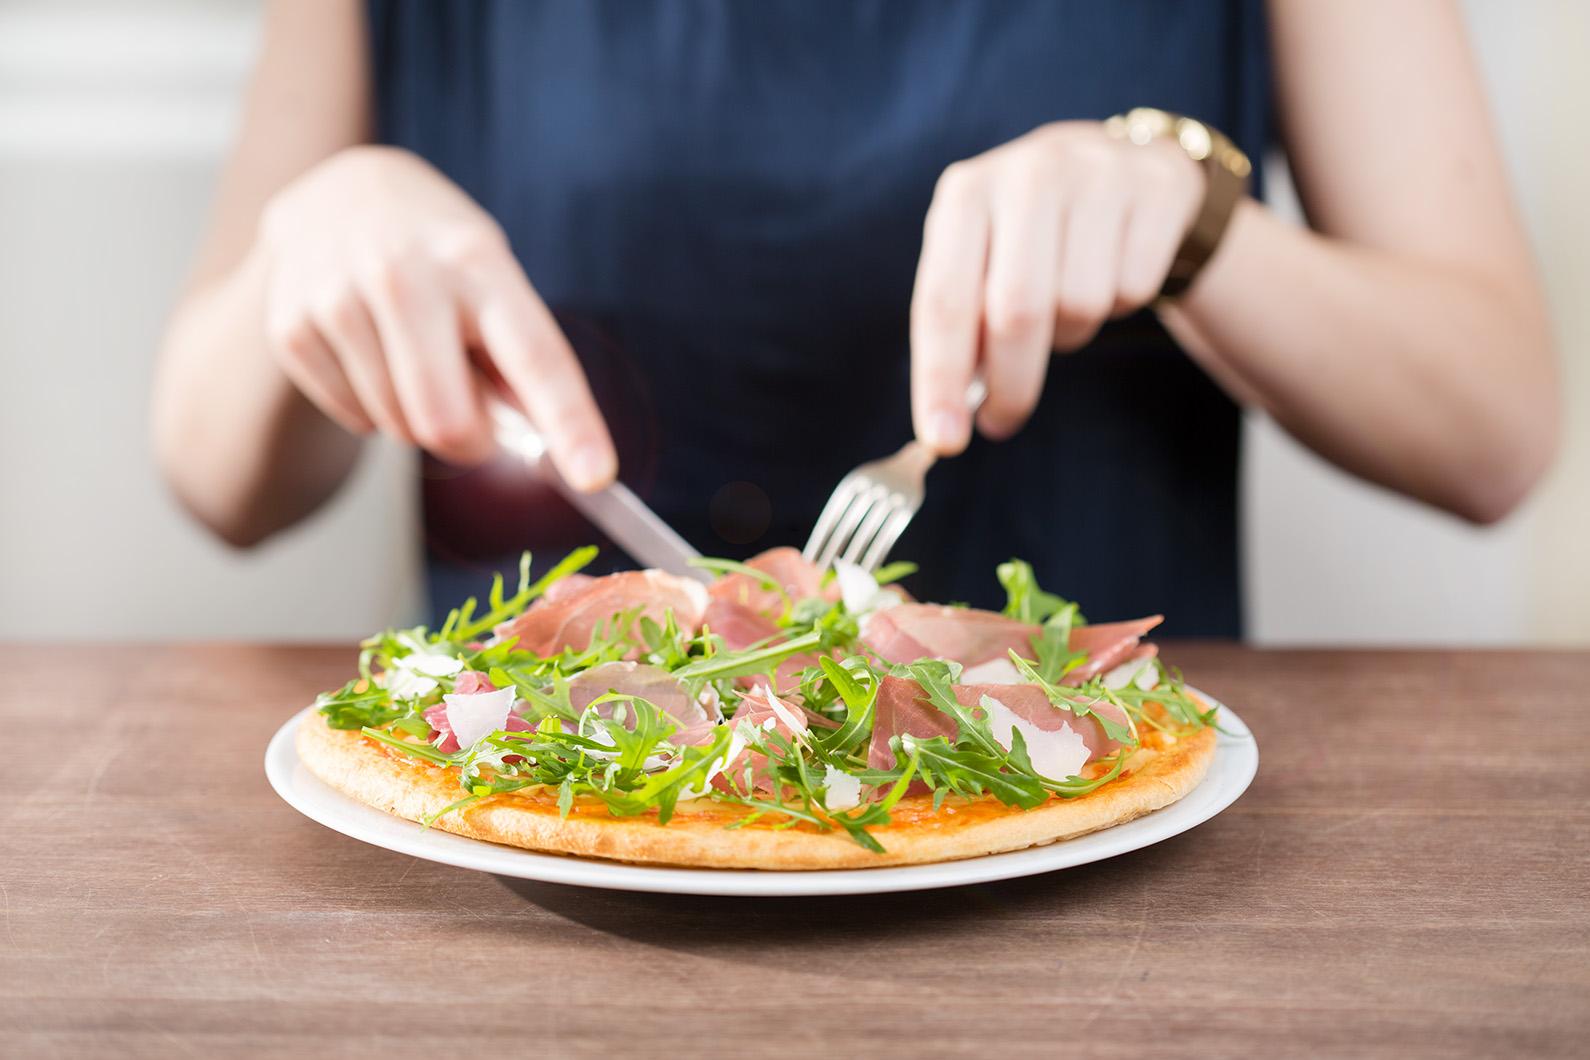 Fotos de MUNDFEIN Pizzawerkstatt HH-Bergstedt